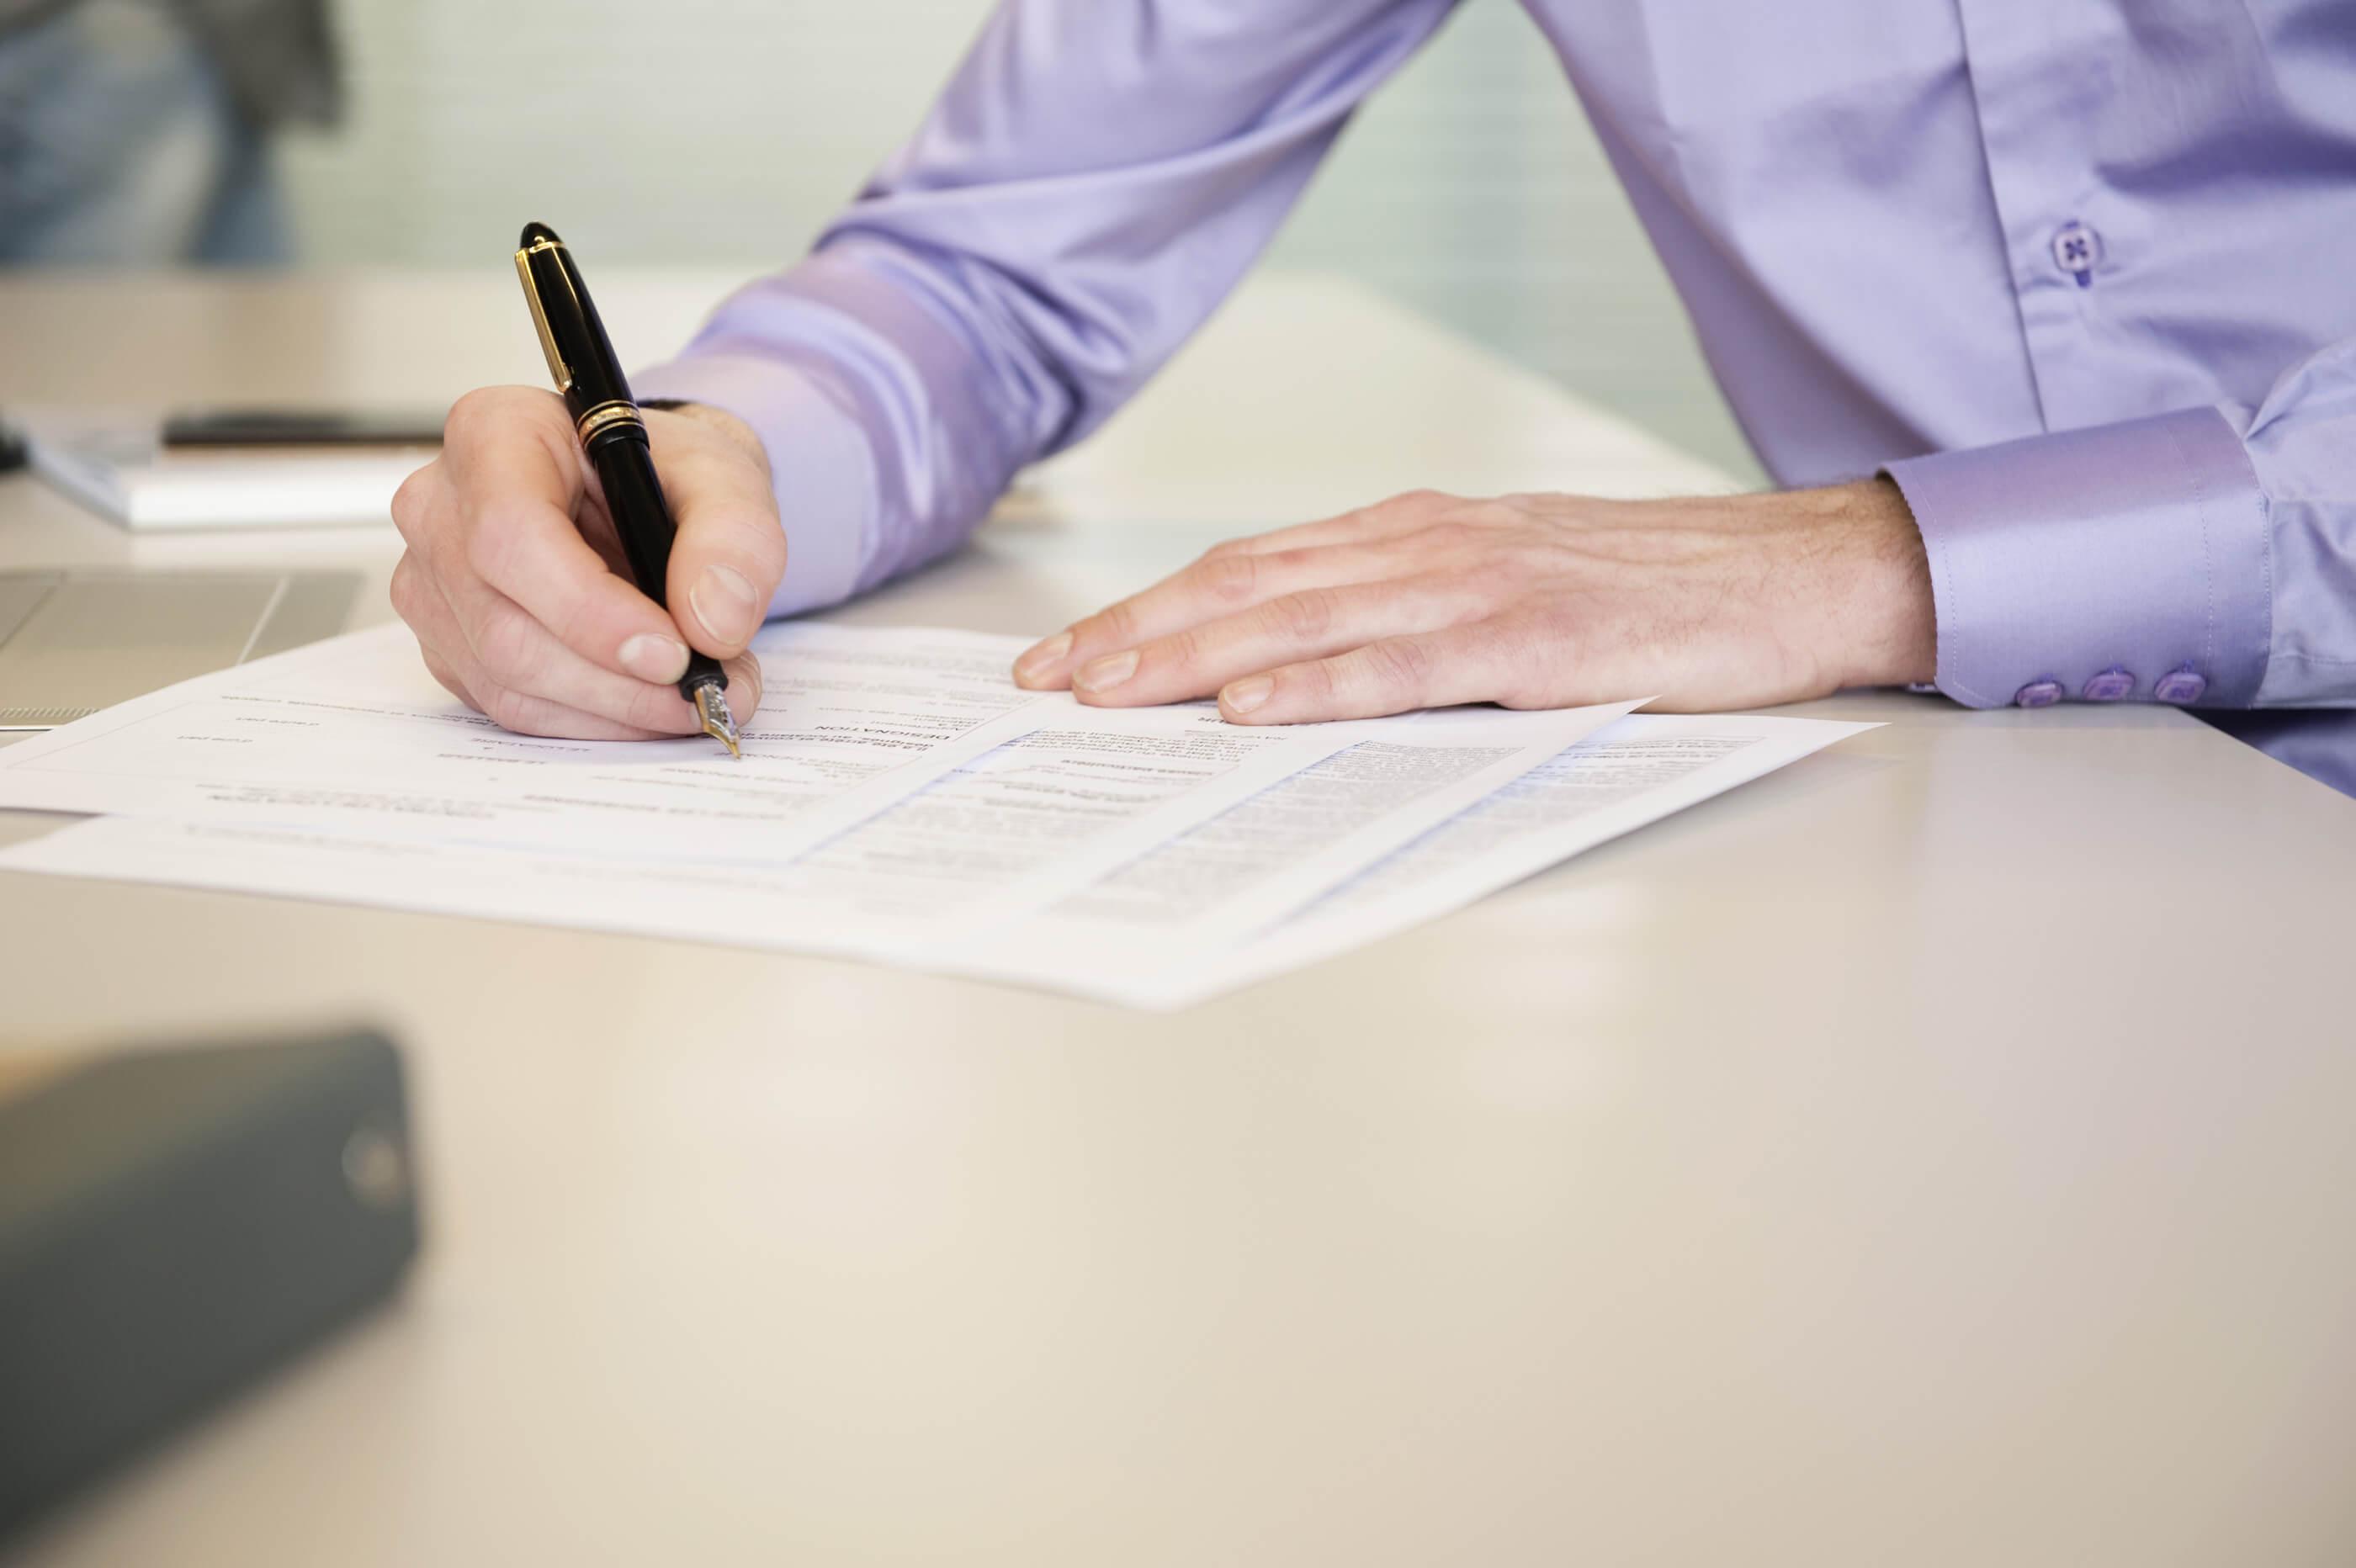 従たる給与についての扶養控除等申告書の提出